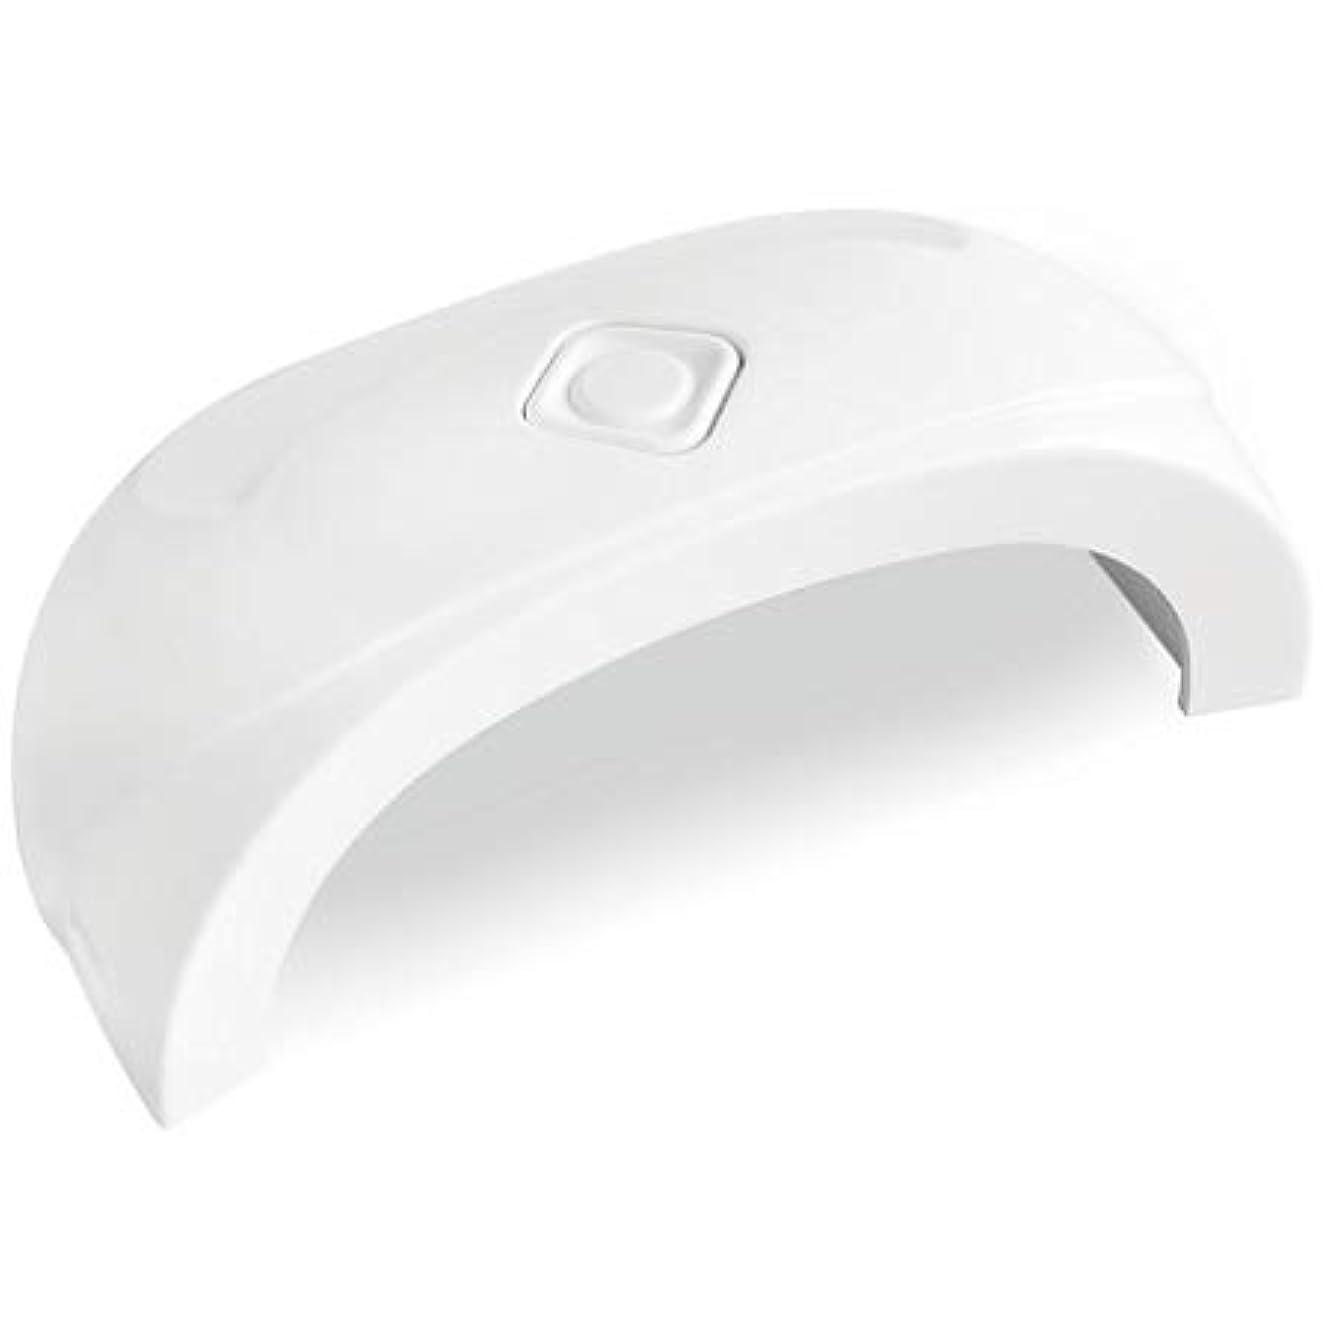 心理学凍る放つ【アリタウム.ARITAUM](公式)モディファイゲルUV LEDランプMODI GEL UV LED LAMP(BY USB)